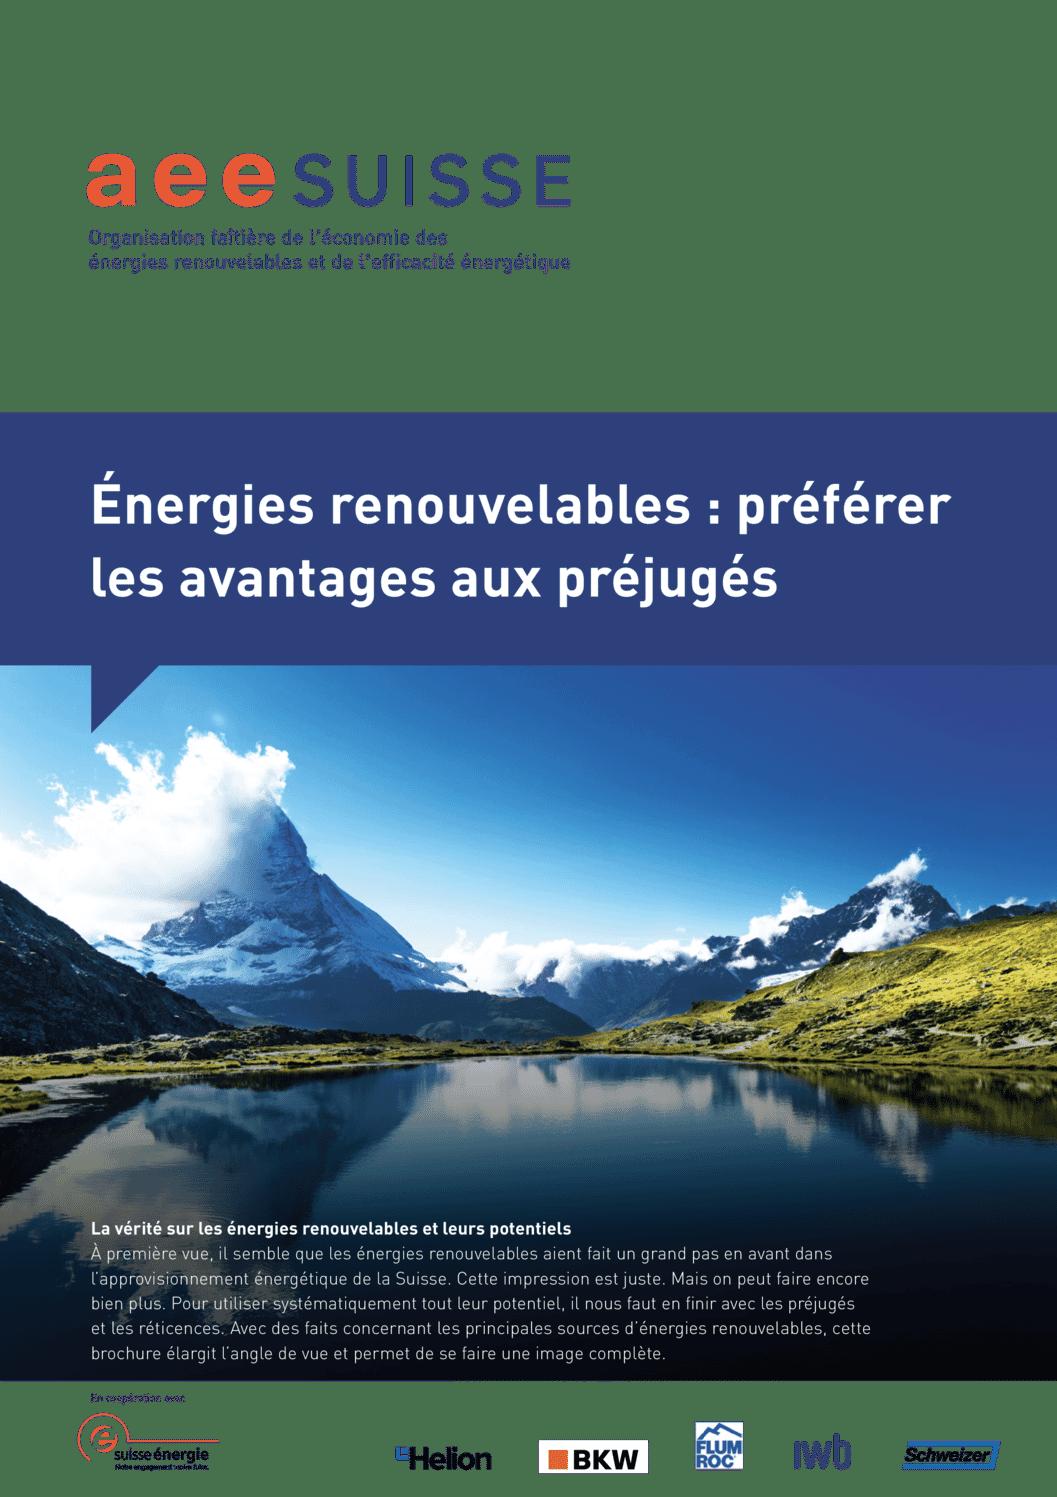 aee suisse Brochure Avantages aux préjugés